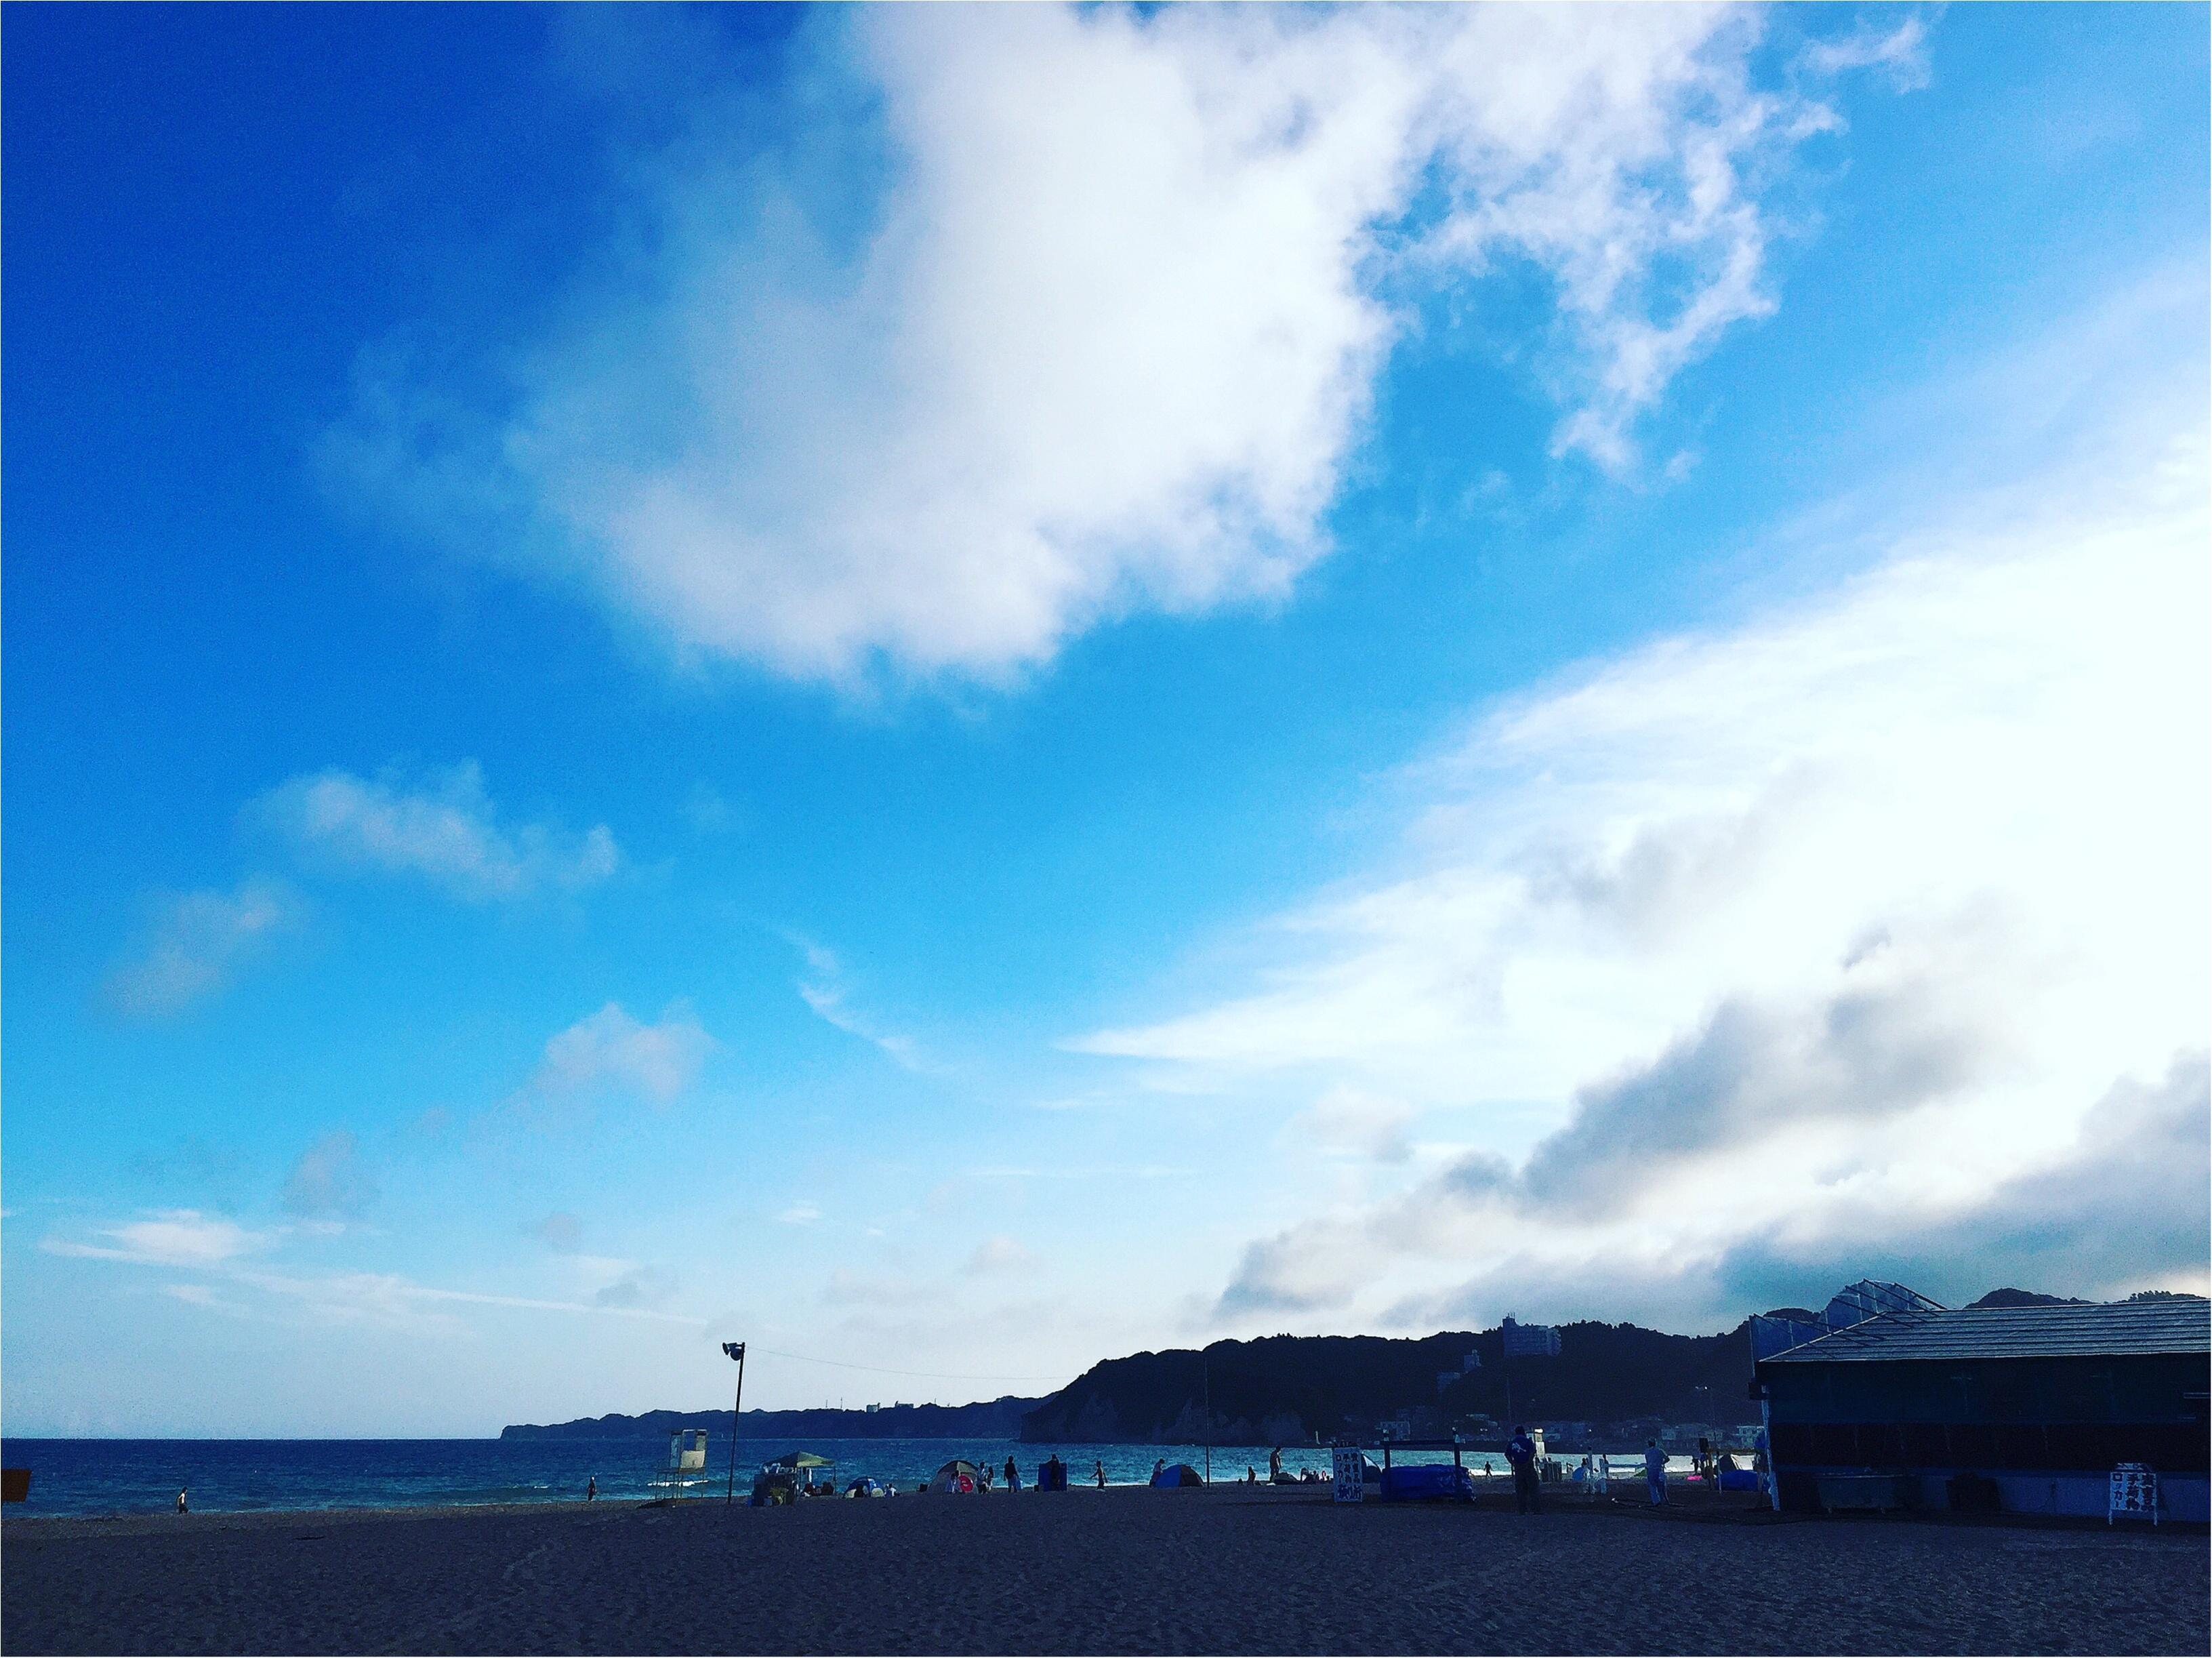 暑い陽射しの海も○○○があれば快適✨あの童謡で有名な【*御宿海岸*】で夏を満喫してきました♪_5